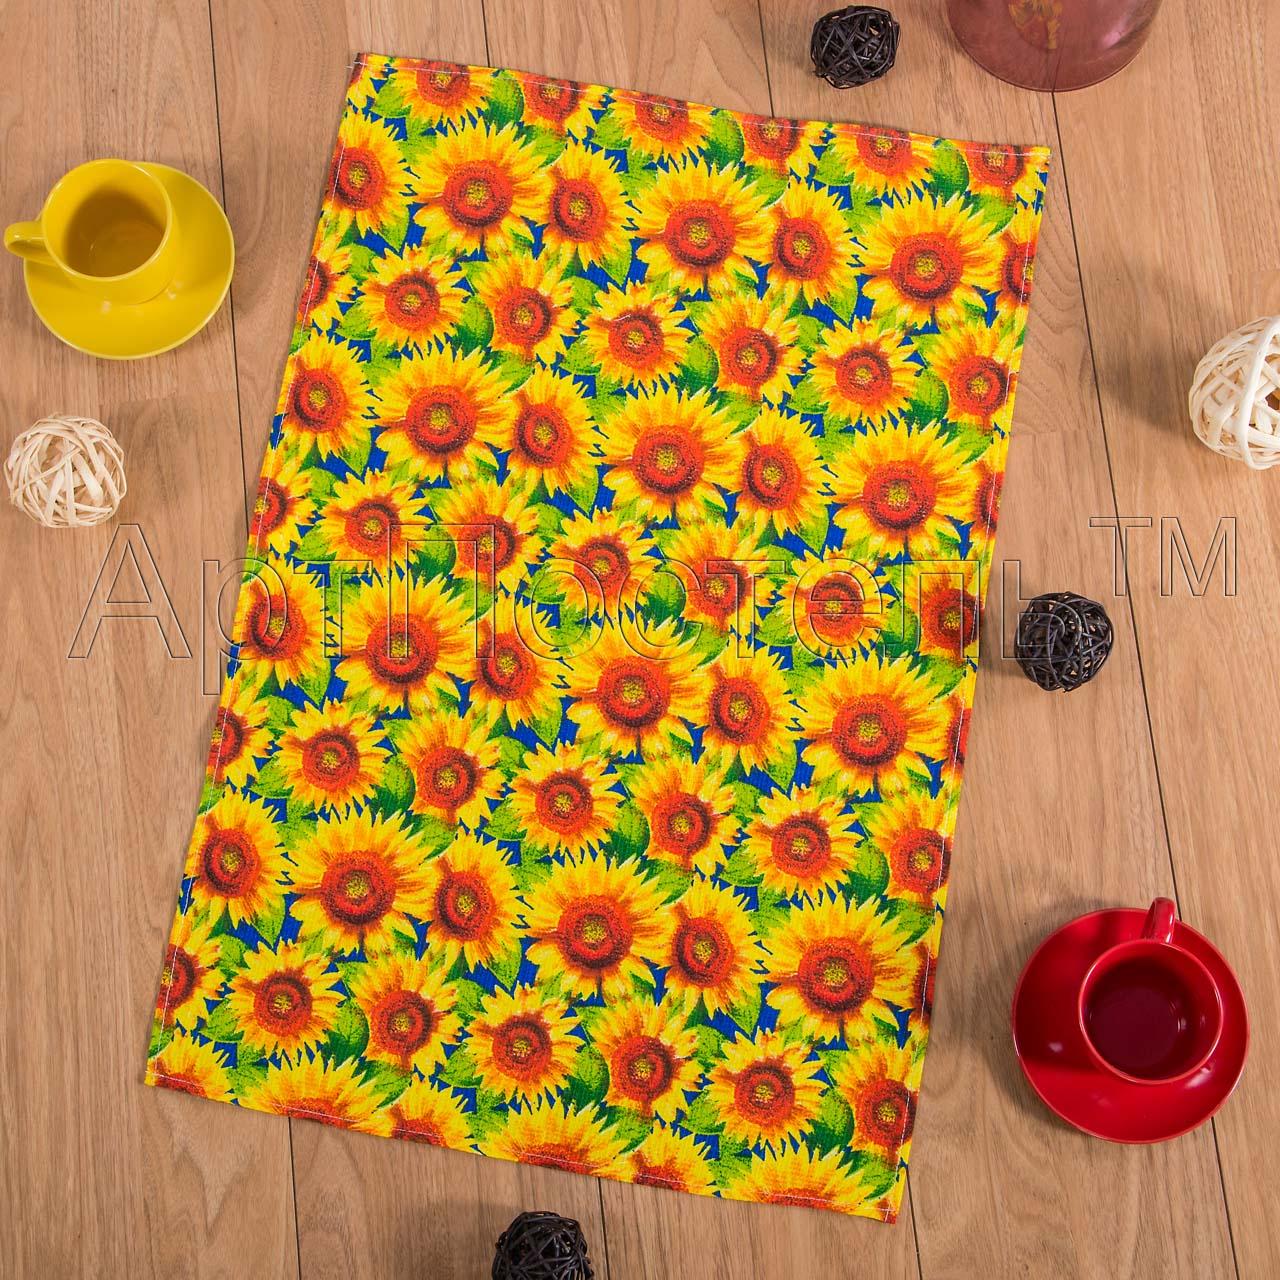 Вафельное полотенце Подсолнухи р. 80х150Вафельные полотенца<br>Плотность: 160 г/кв. м<br><br>Тип: Вафельное полотенце<br>Размер: 80х150<br>Материал: Вафельное полотно